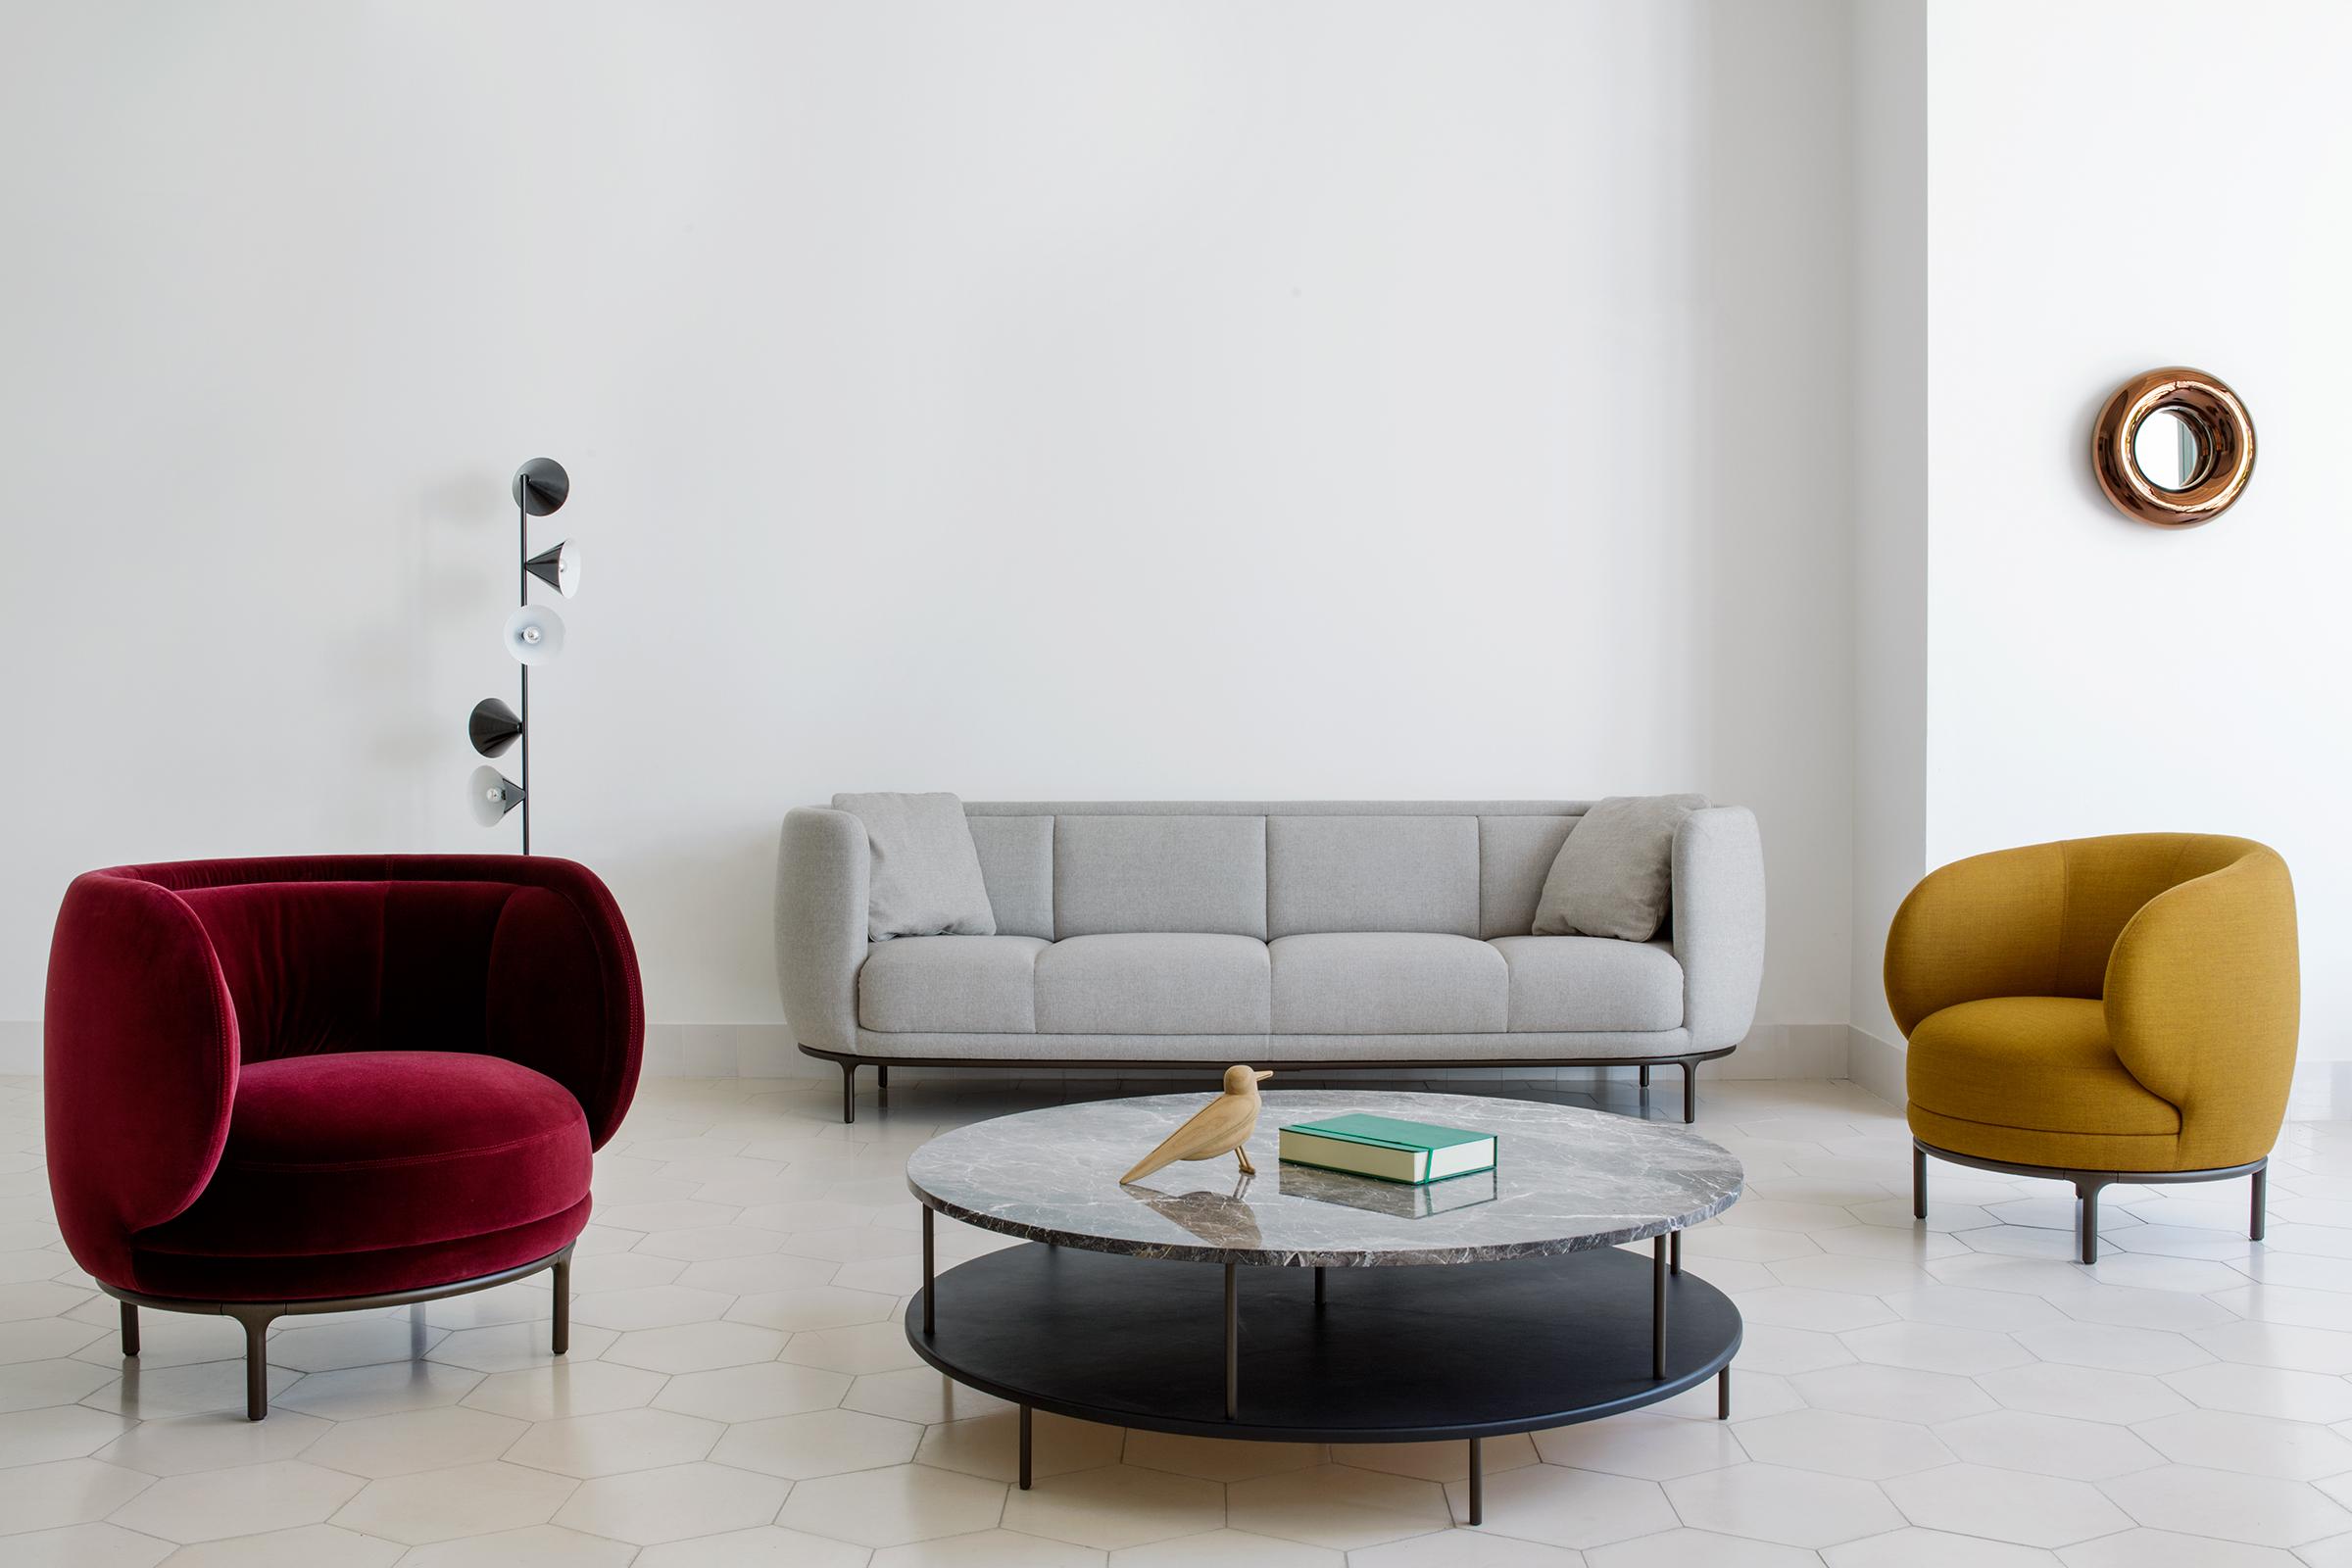 der living faktor im b ro nimmt sp rbar zu die sterreichische m belindustrie. Black Bedroom Furniture Sets. Home Design Ideas